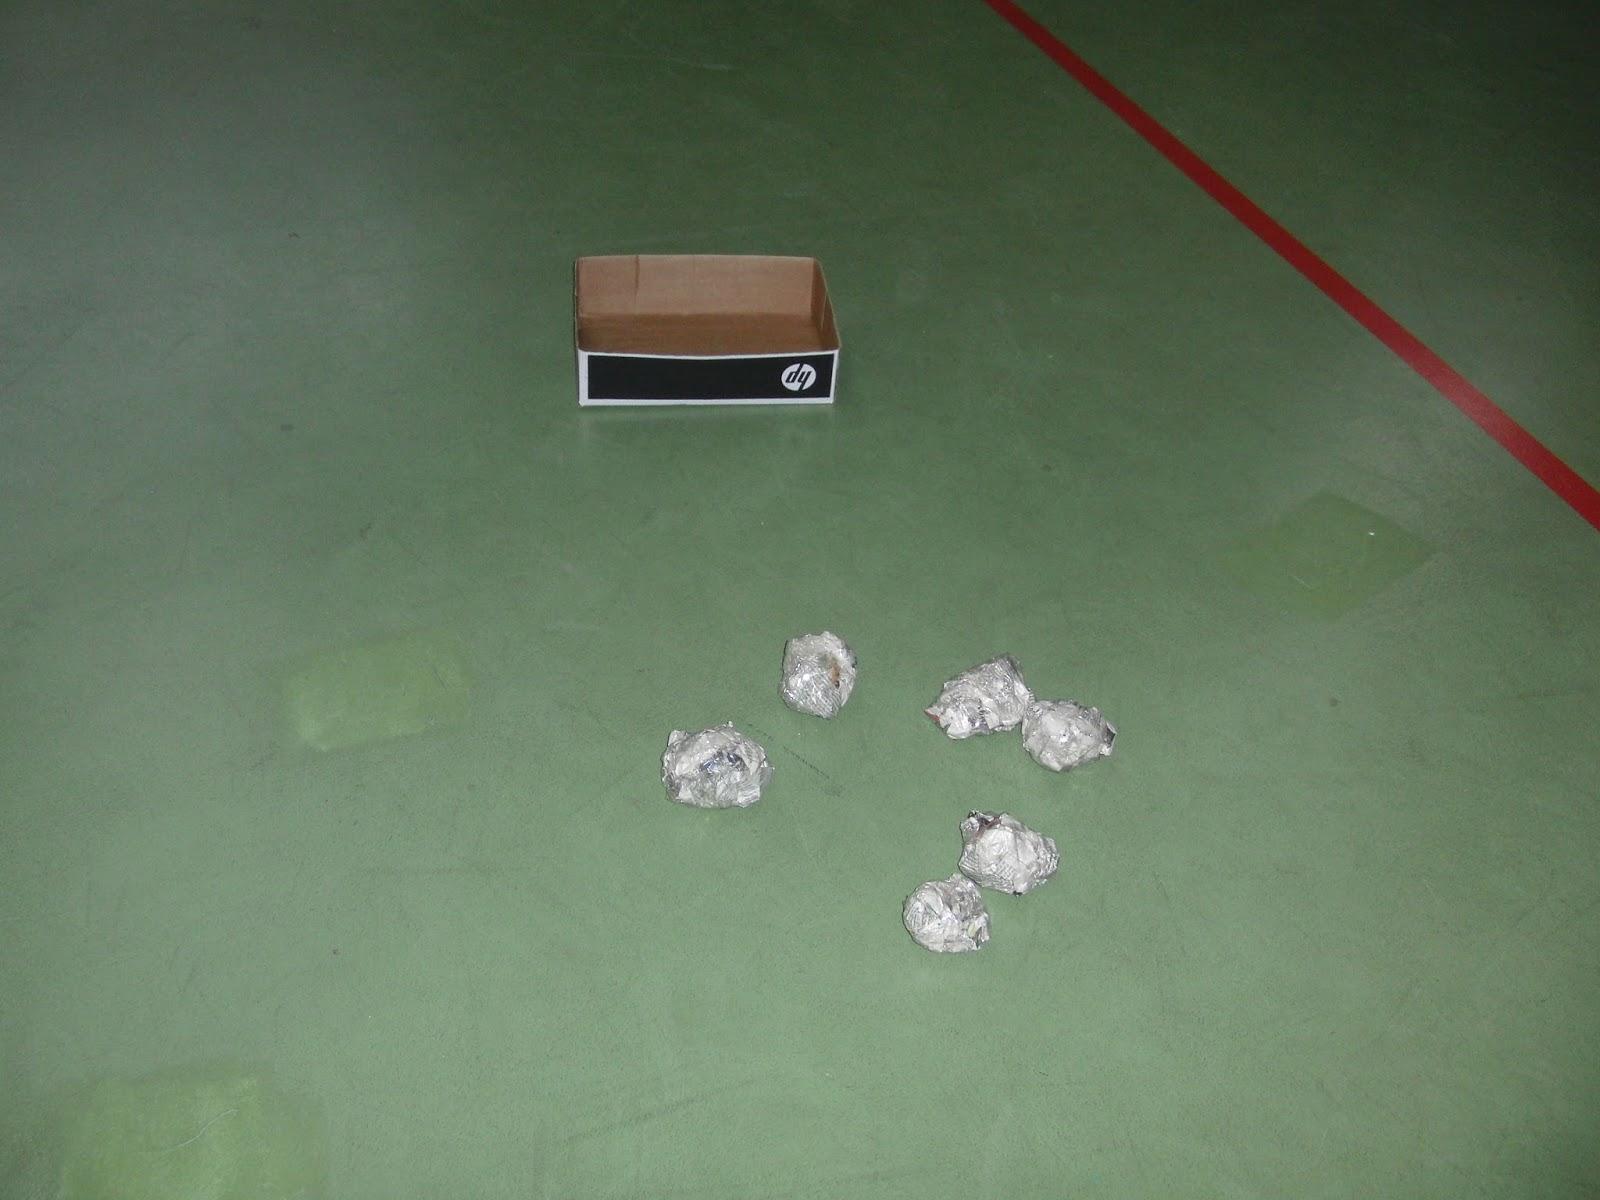 Educacion Fisica Juegos Con Material Reciclable